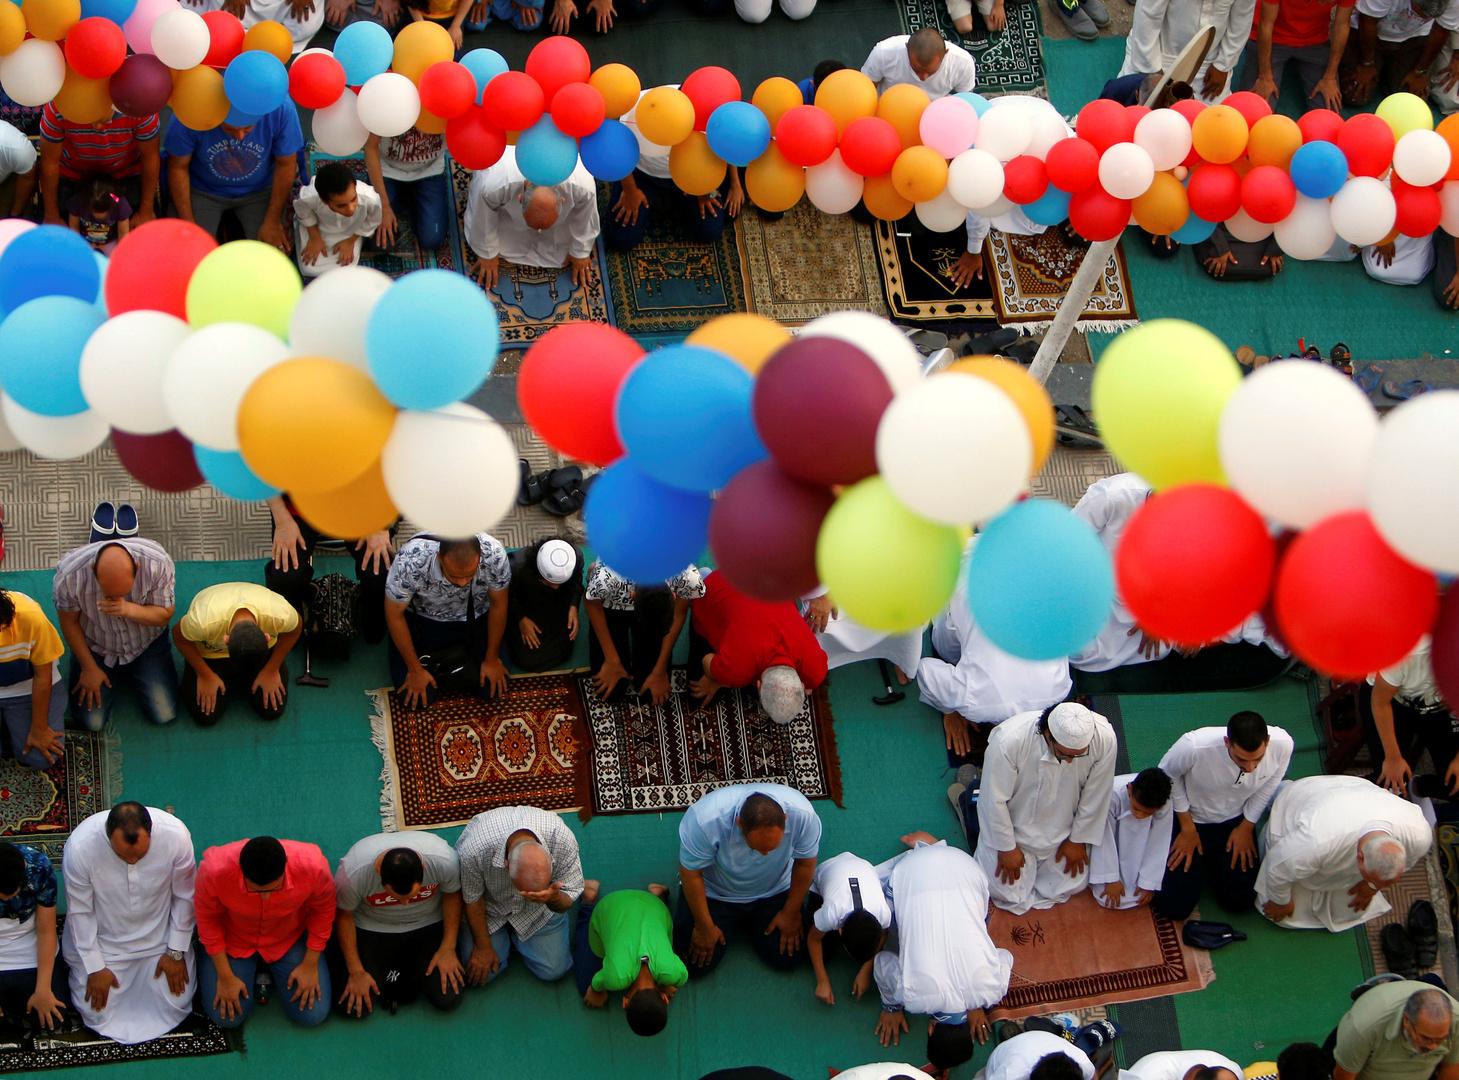 عضو في الاتحاد العربي لعلوم الفضاء والفلك يتوقع يوم عيد الفطر المبارك